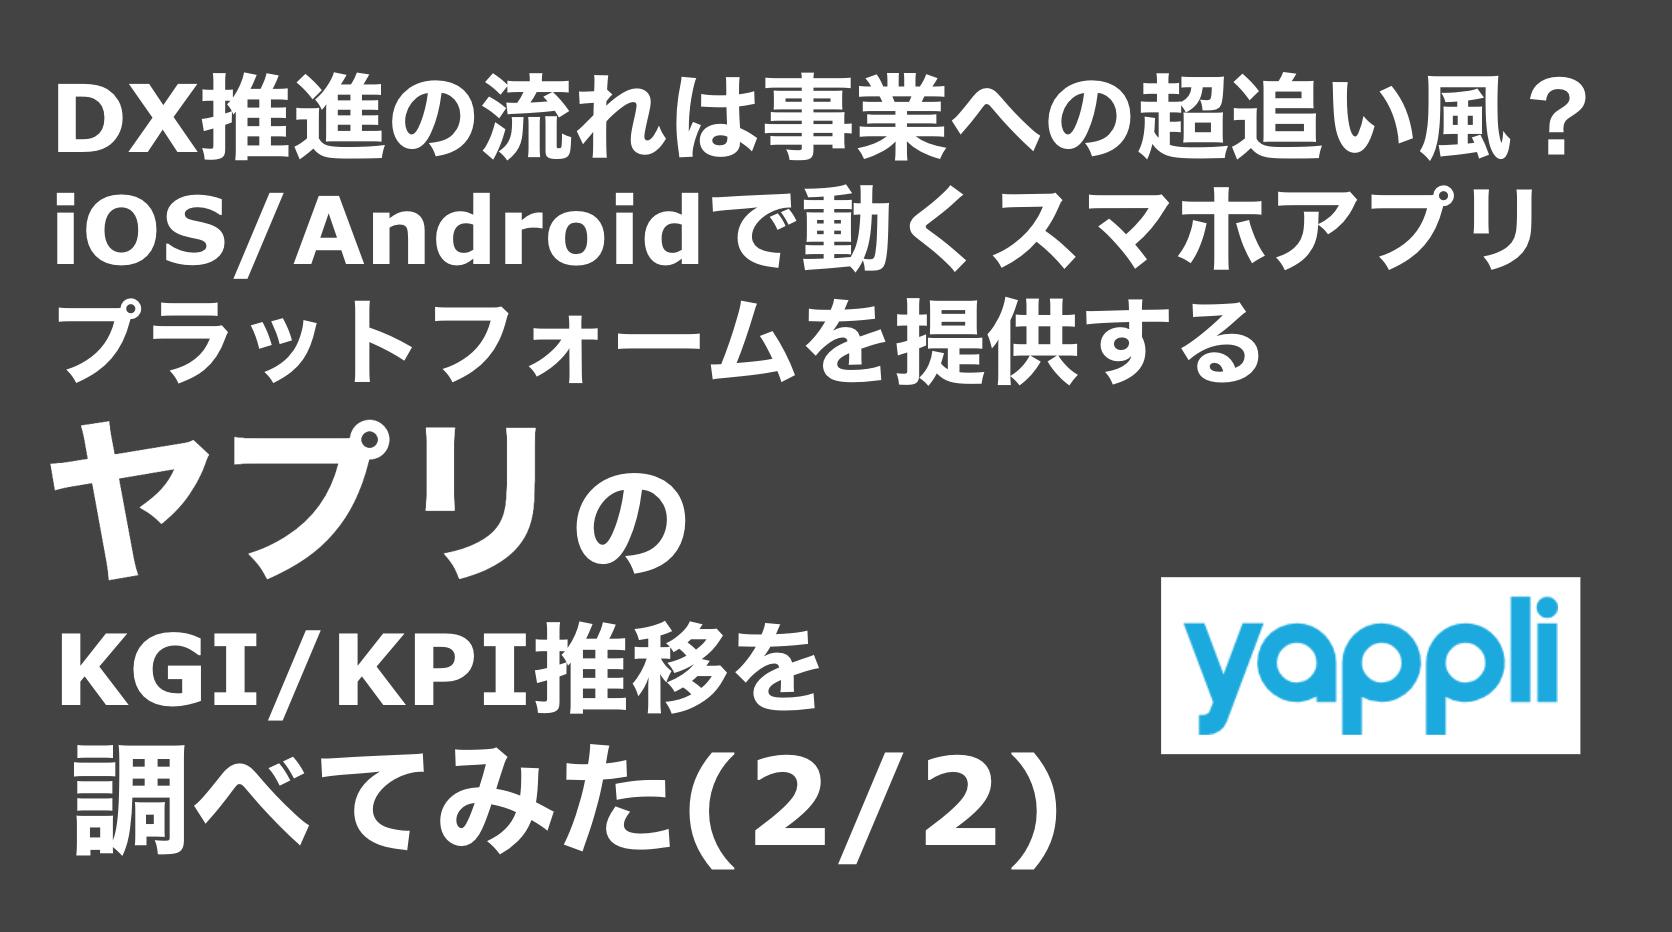 saaslife_ DX推進の流れは事業への超追い風?iOS/Androidで動くスマホアプリプラットフォームを提供するヤプリのKGI/KPI推移を調べてみた(2/2)